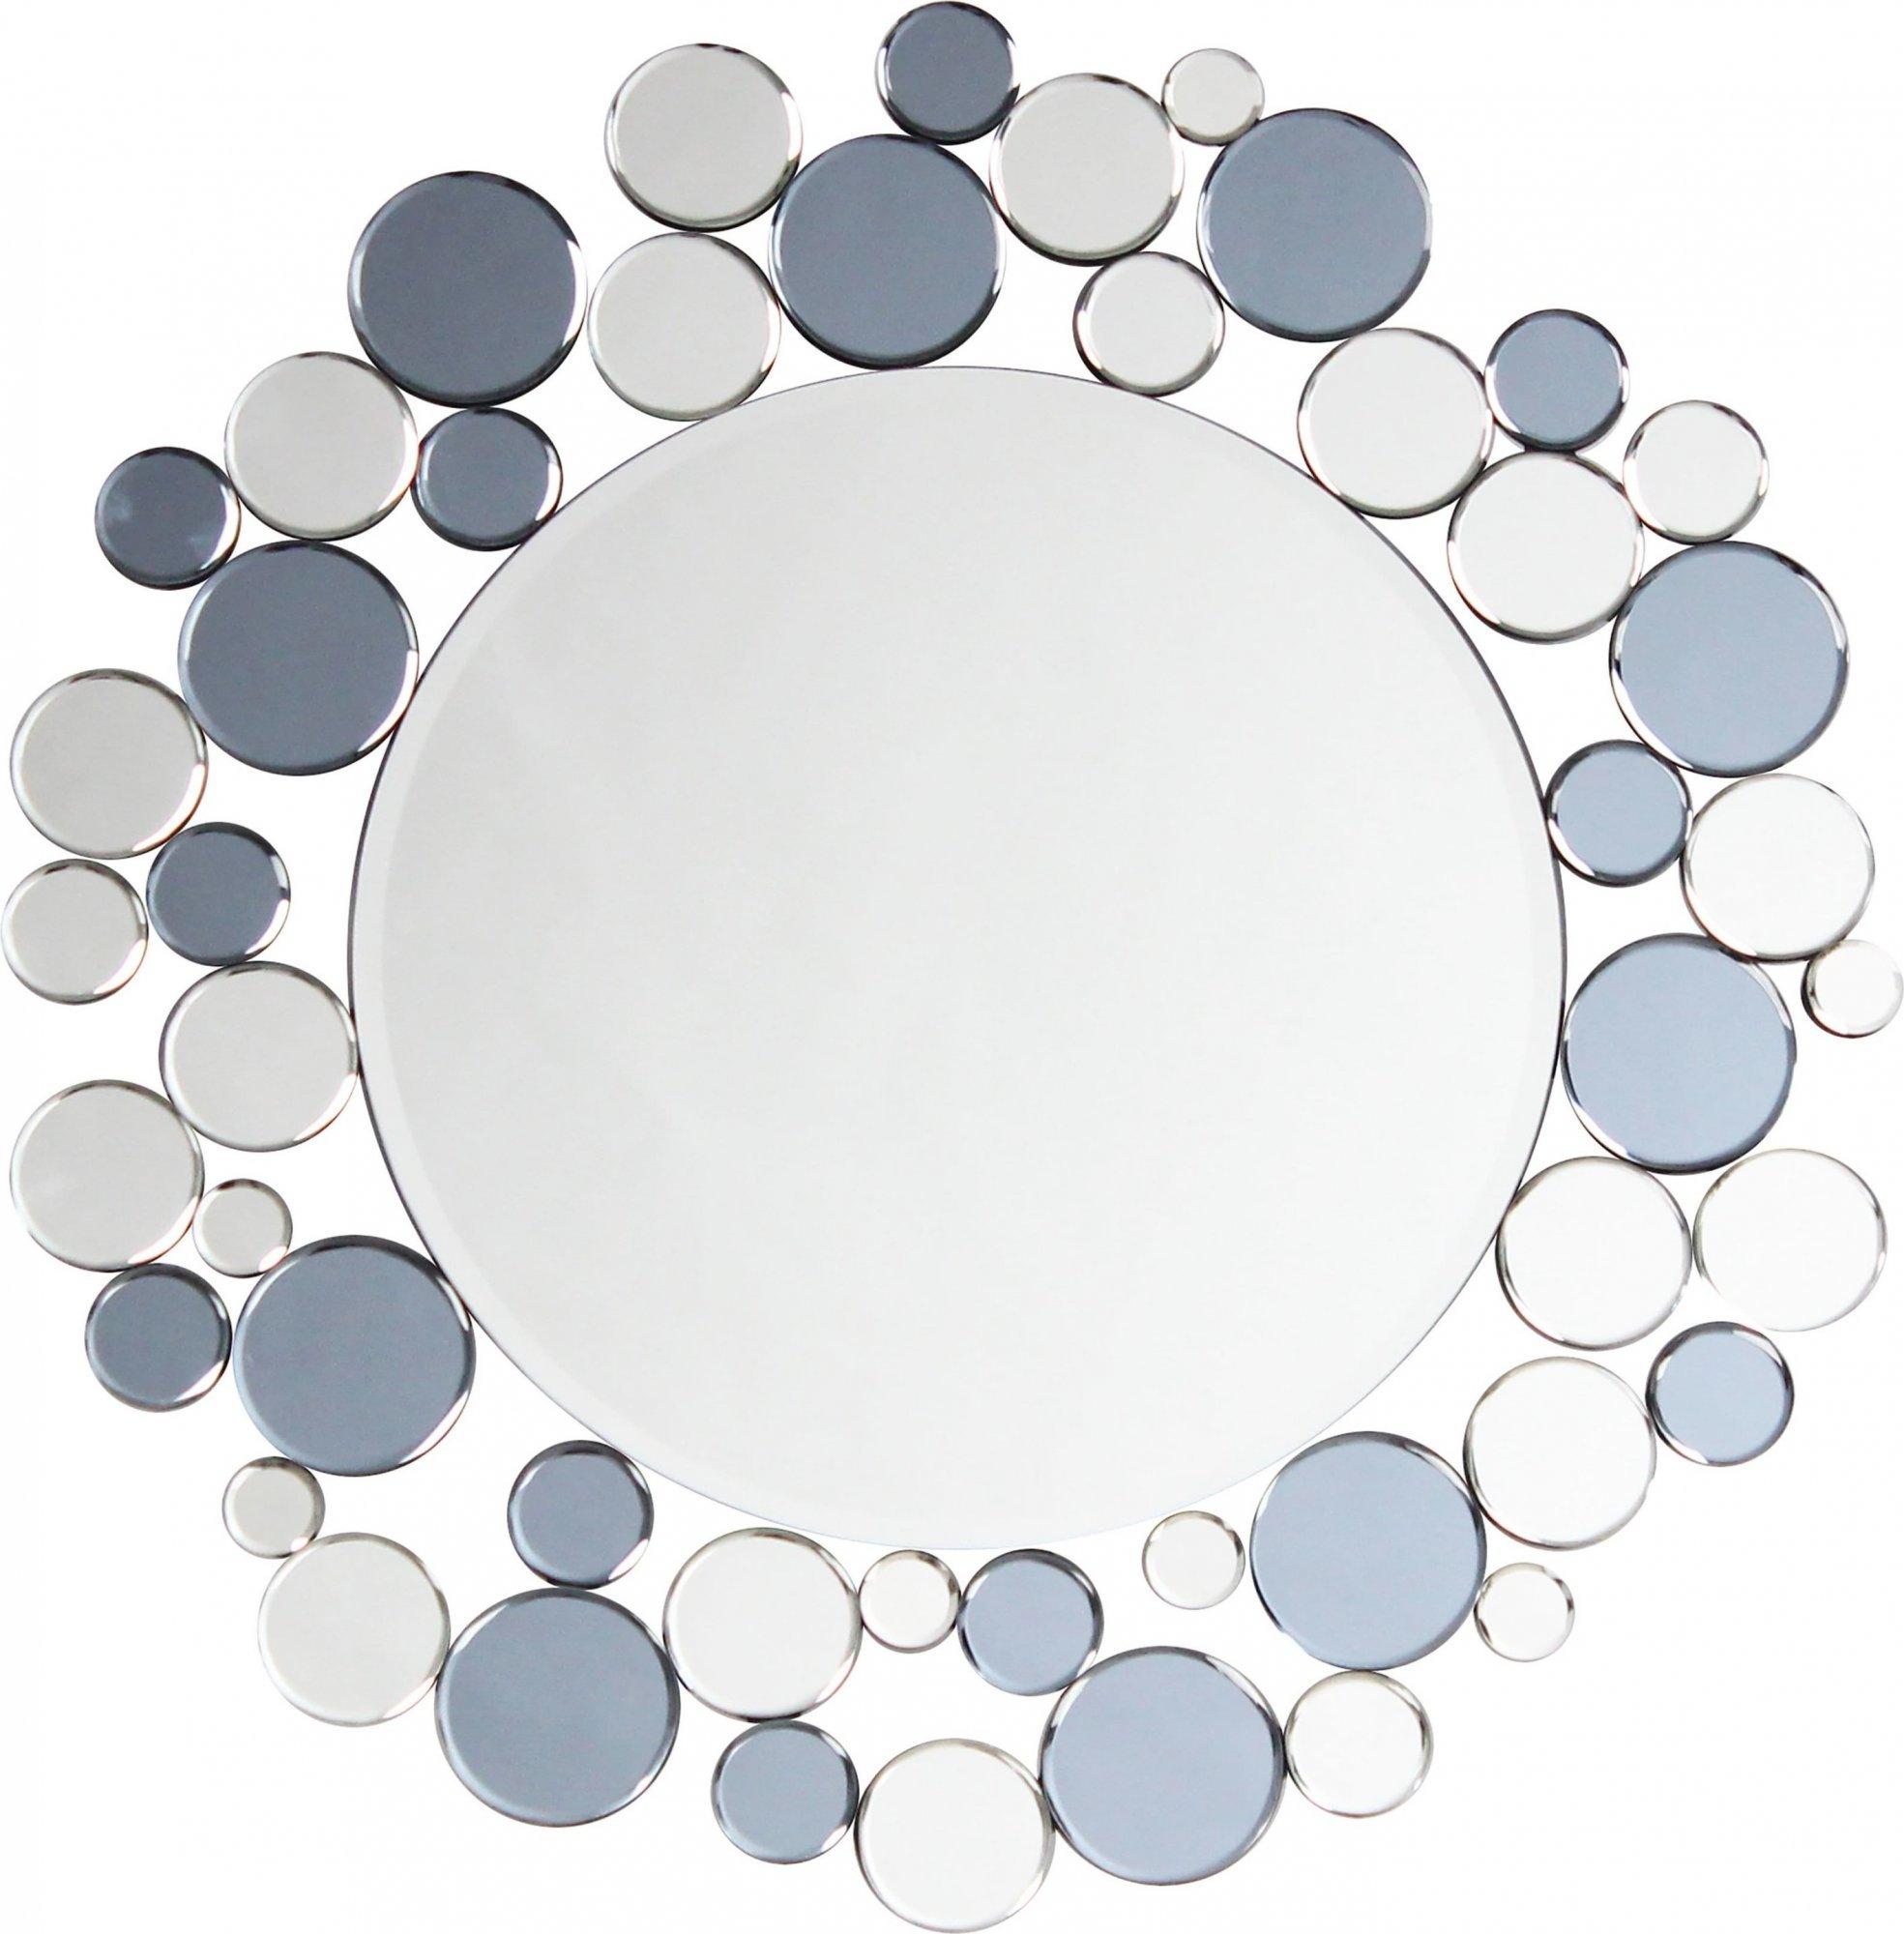 Miroir mural argent et gris d80